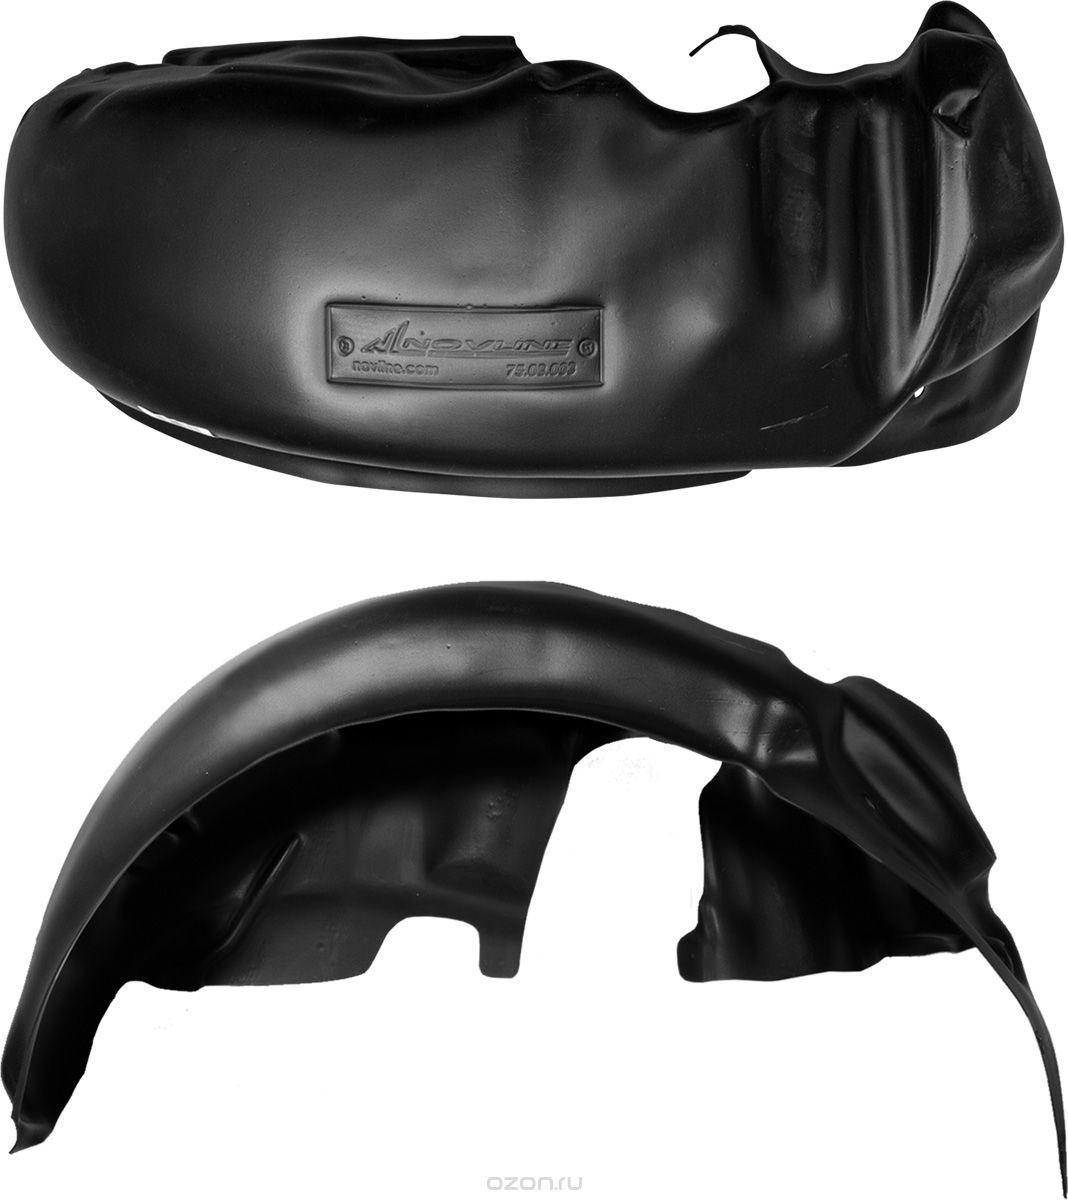 Подкрылок Novline-Autofamily, для FAW Besturn B50, 2012->, задний левыйVCA-00Идеальная защита колесной ниши. Локеры разработаны с применением цифровых технологий, гарантируют максимальную повторяемость поверхности арки. Изделия устанавливаются без нарушения лакокрасочного покрытия автомобиля, каждый подкрылок комплектуется крепежом. Уважаемые клиенты, обращаем ваше внимание, что фотографии на подкрылки универсальные и не отражают реальную форму изделия. При этом само изделие идет точно под размер указанного автомобиля.